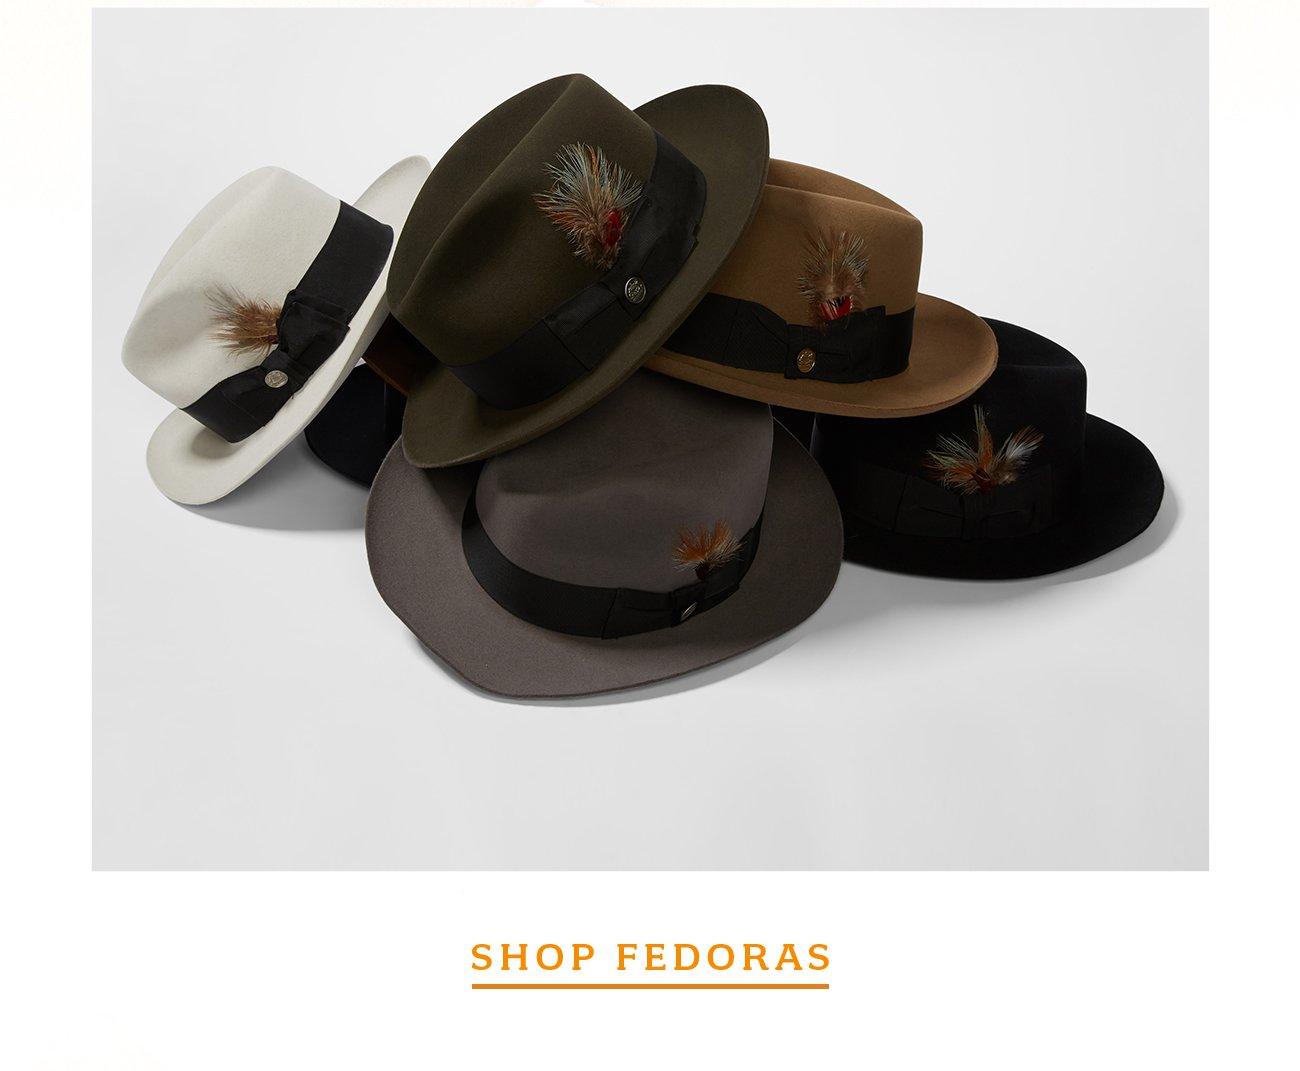 Shop Fedoras